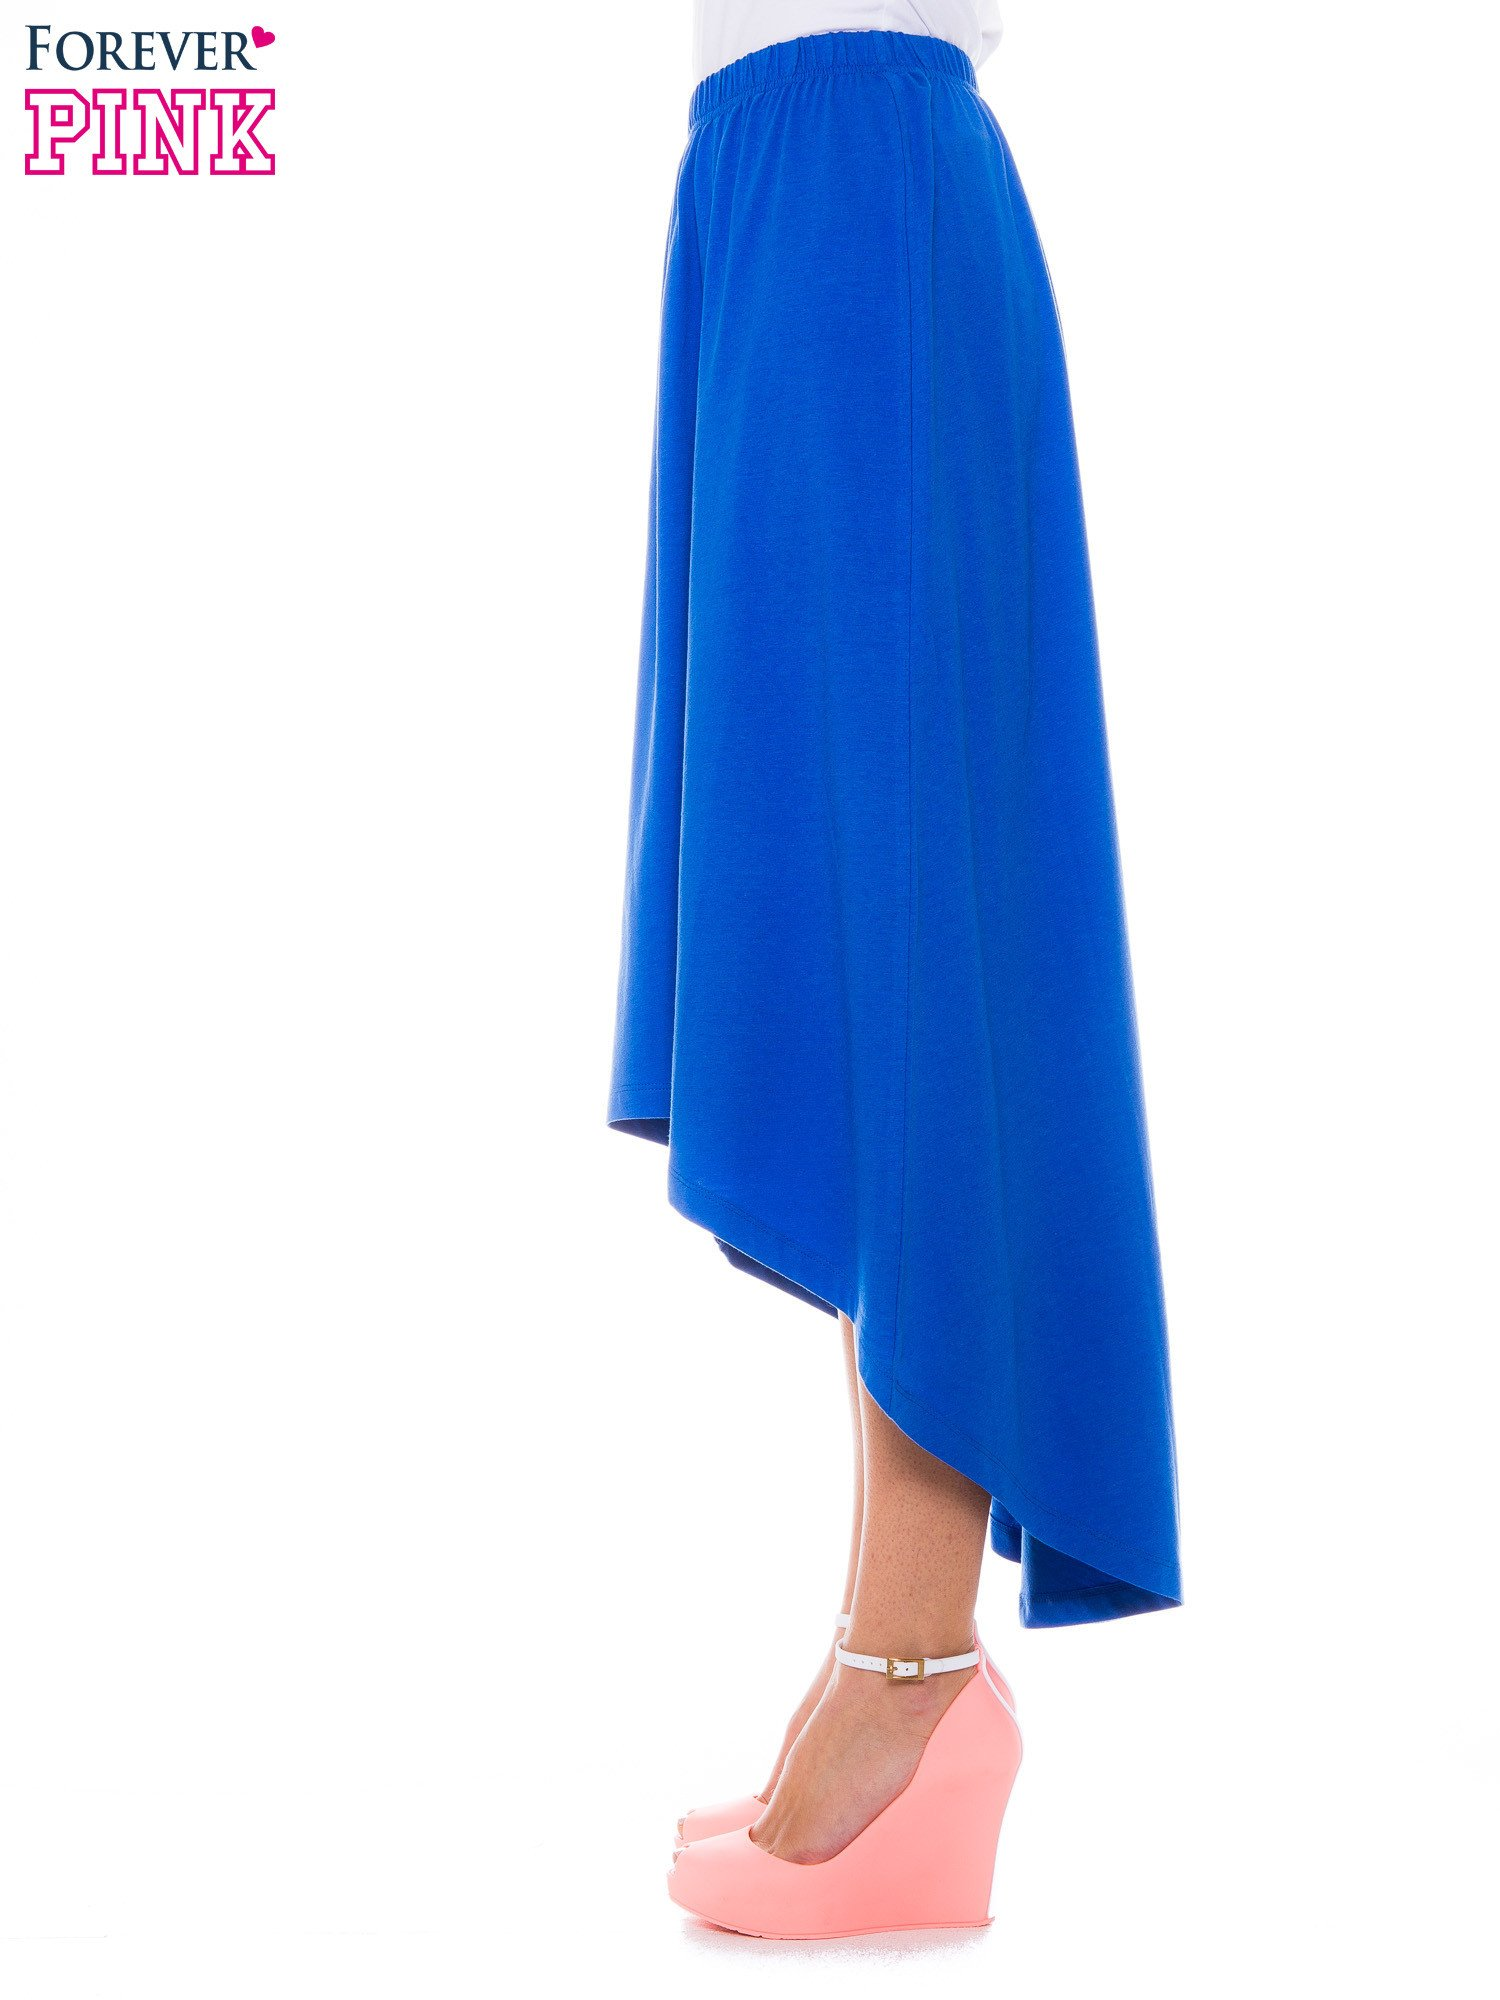 Niebieska zwiewna spódnica z dłuższym tyłem                                  zdj.                                  2